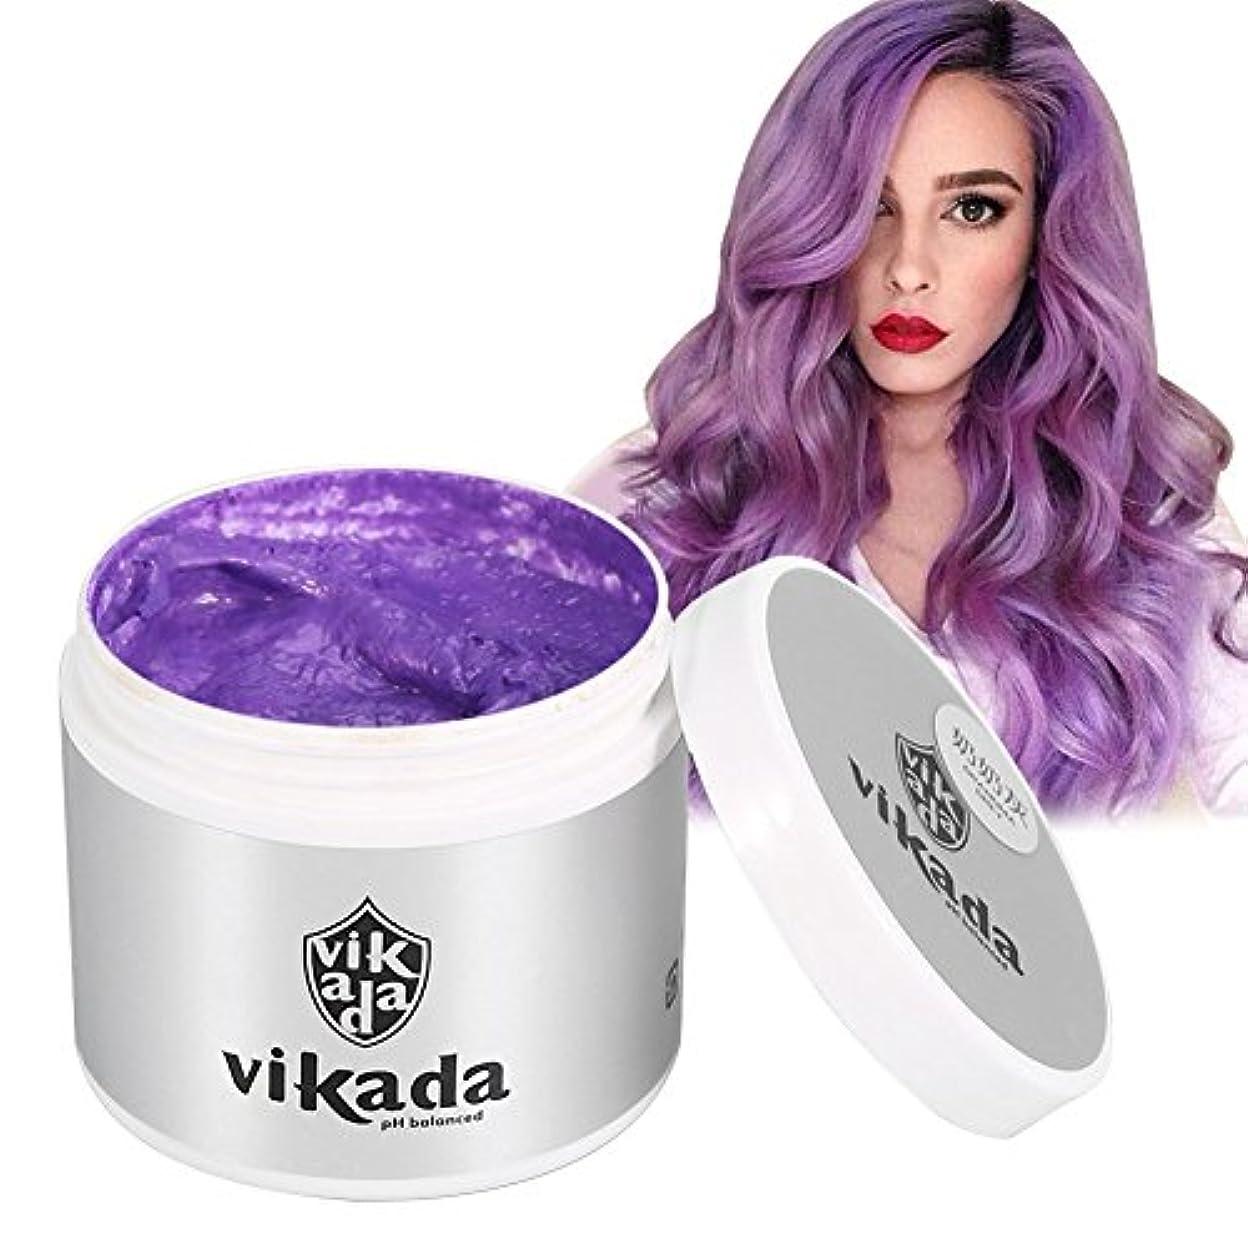 イースターデモンストレーションずんぐりした使い捨てスタイリングヘアカラークリーム、3色一時的な髪泥ワックス髪型ポマード用パーティーコスプレナイトクラブ仮装ハロウィーン(Purple)